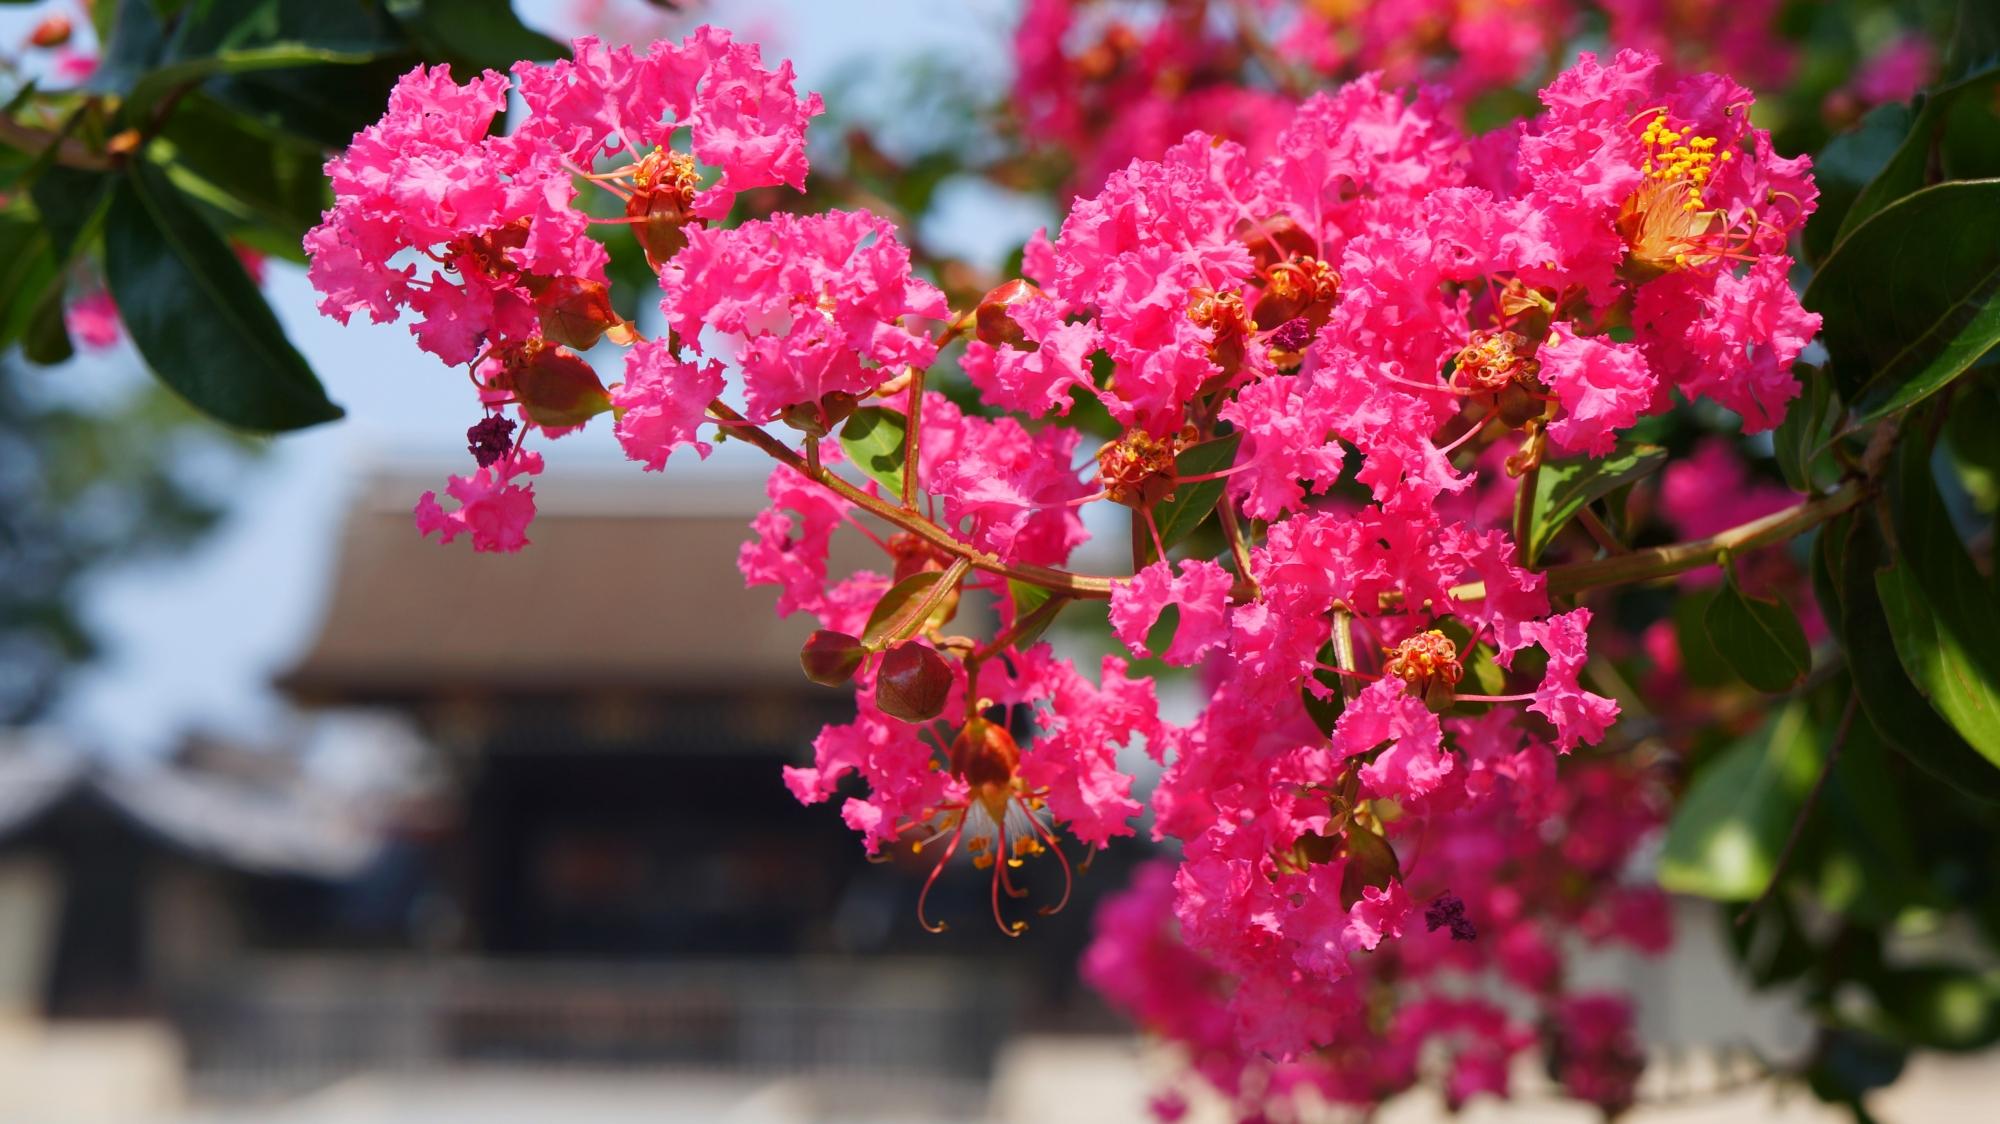 京都御苑 さるすべり 真夏を彩る鮮やかなピンクの花